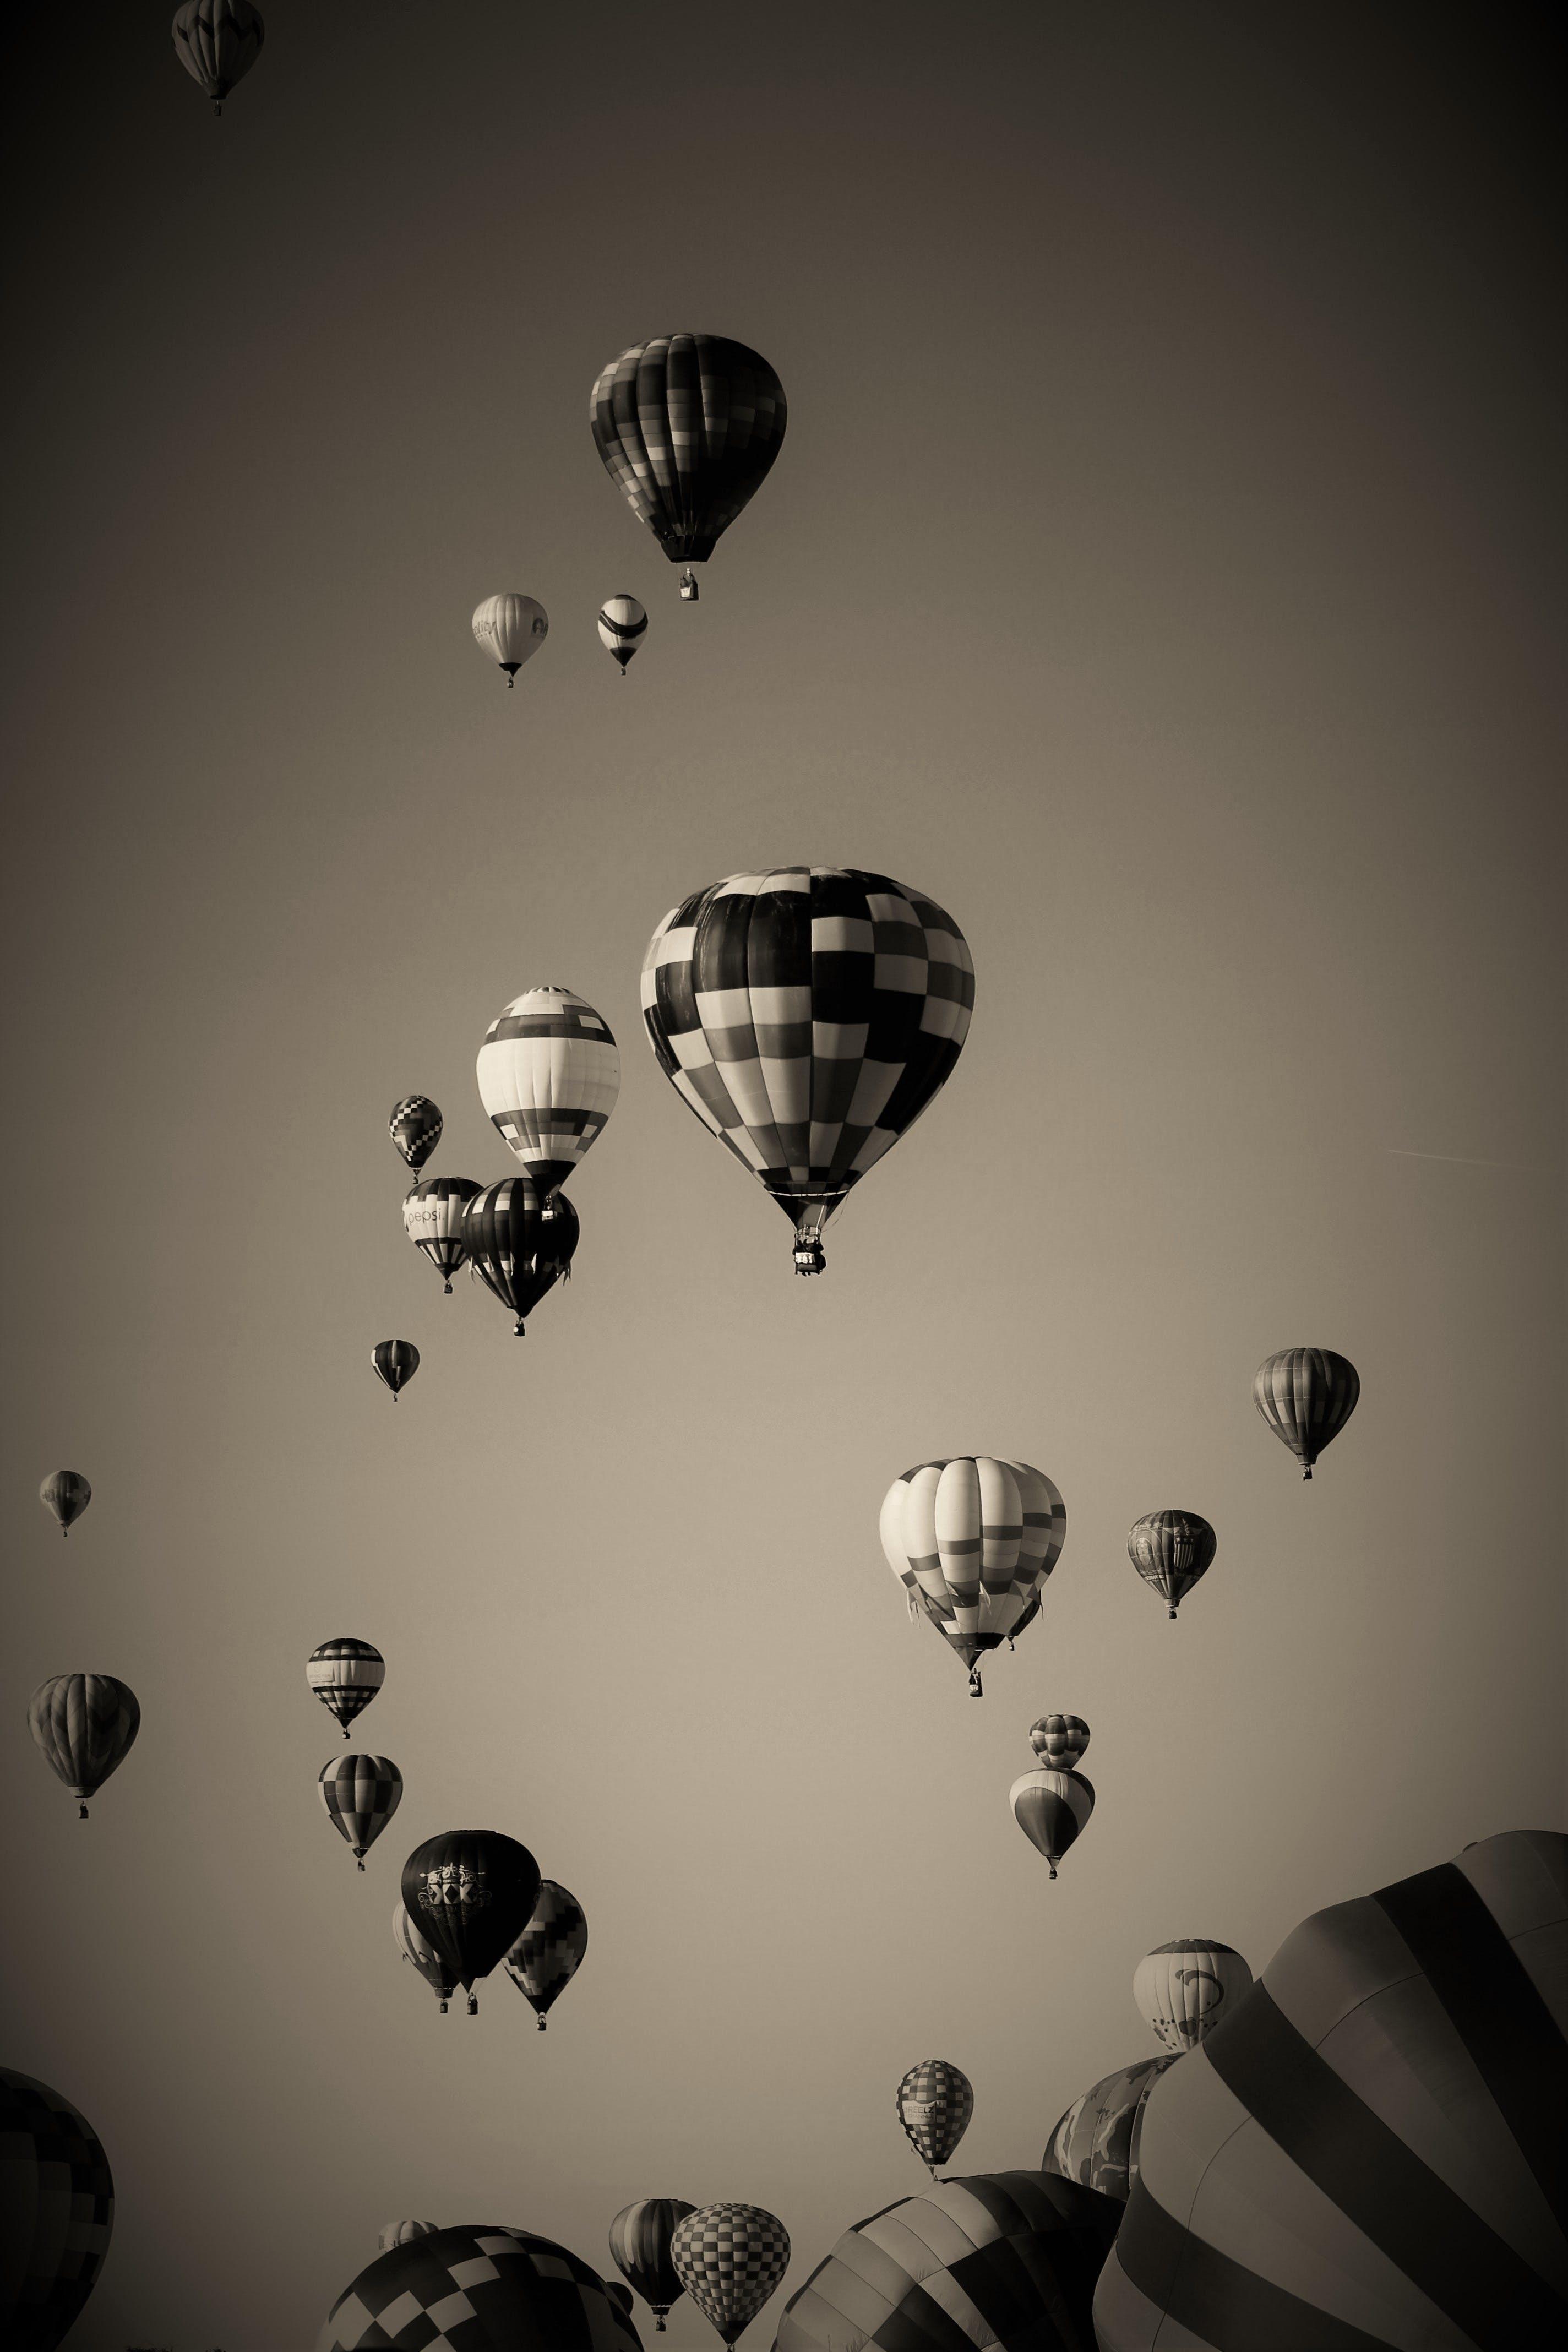 activity, adventure, aerial